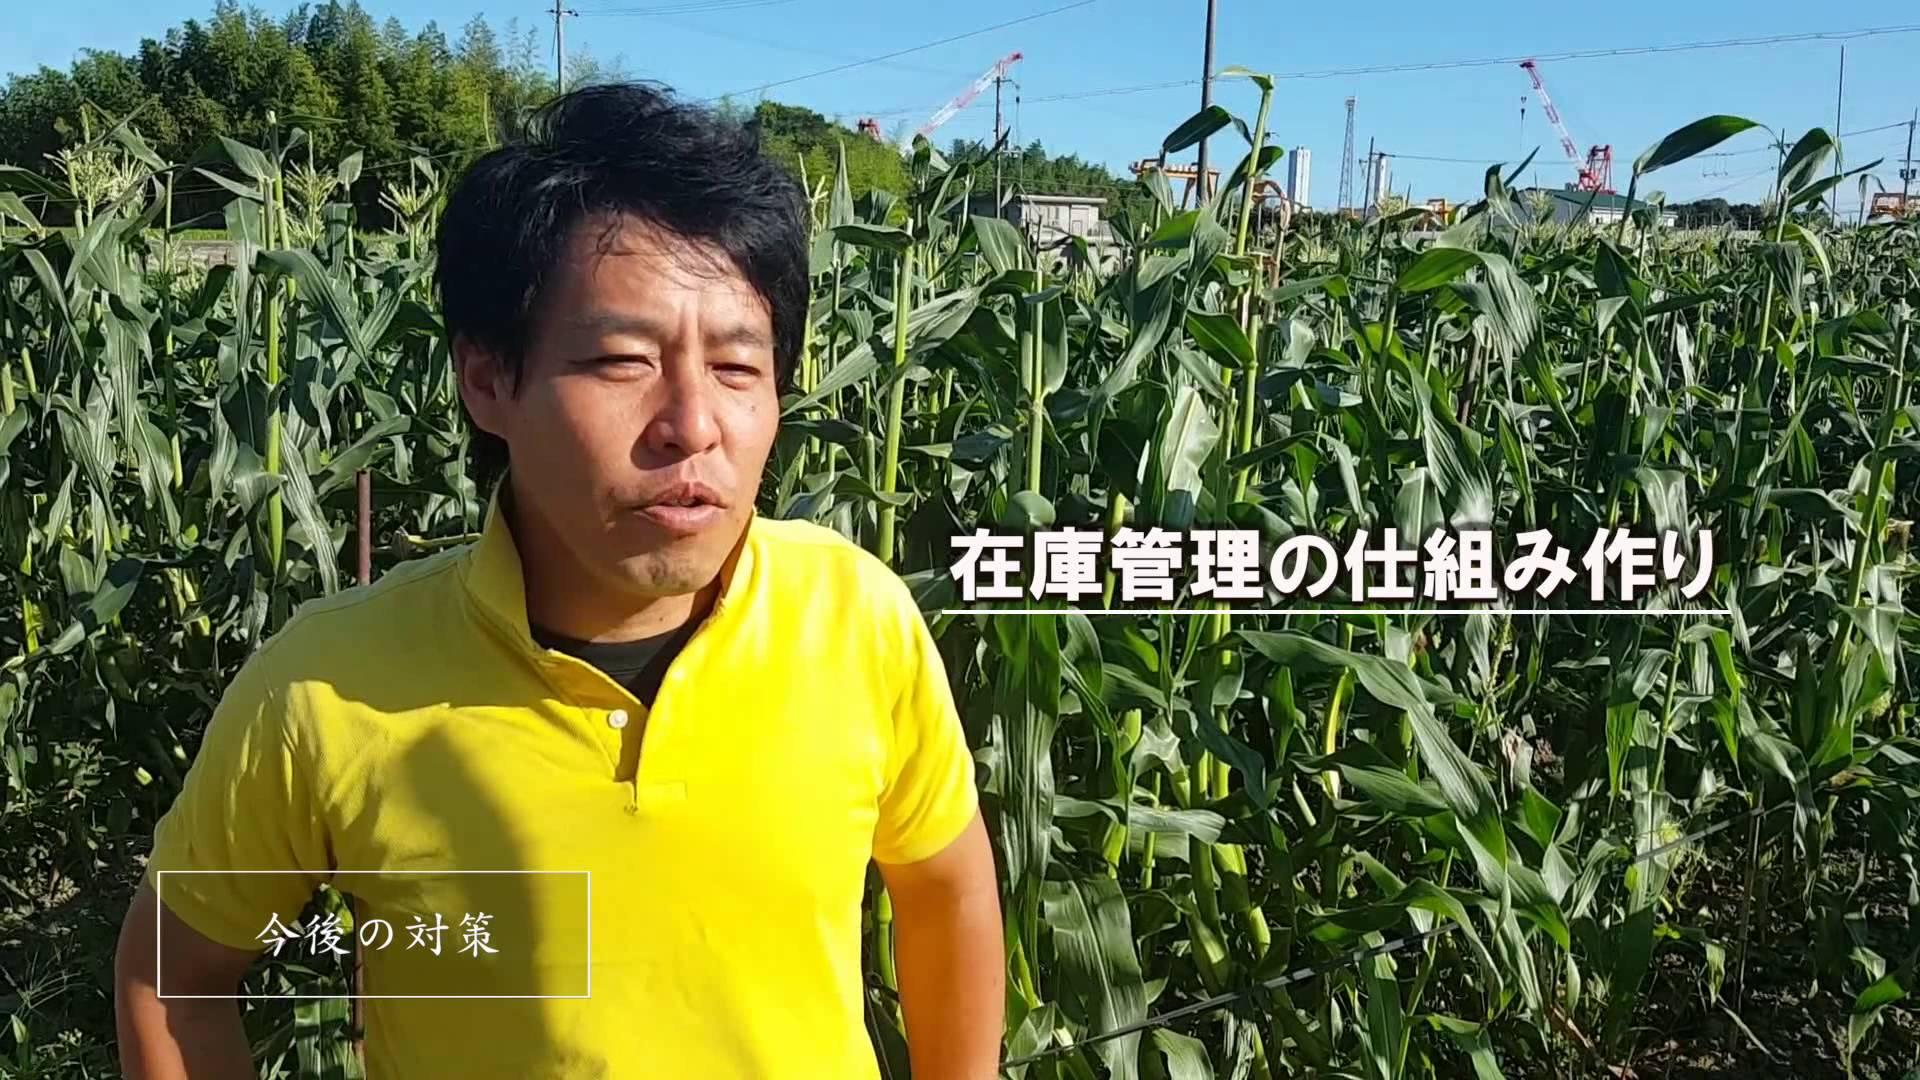 農業のリアルな課題と解決の糸口